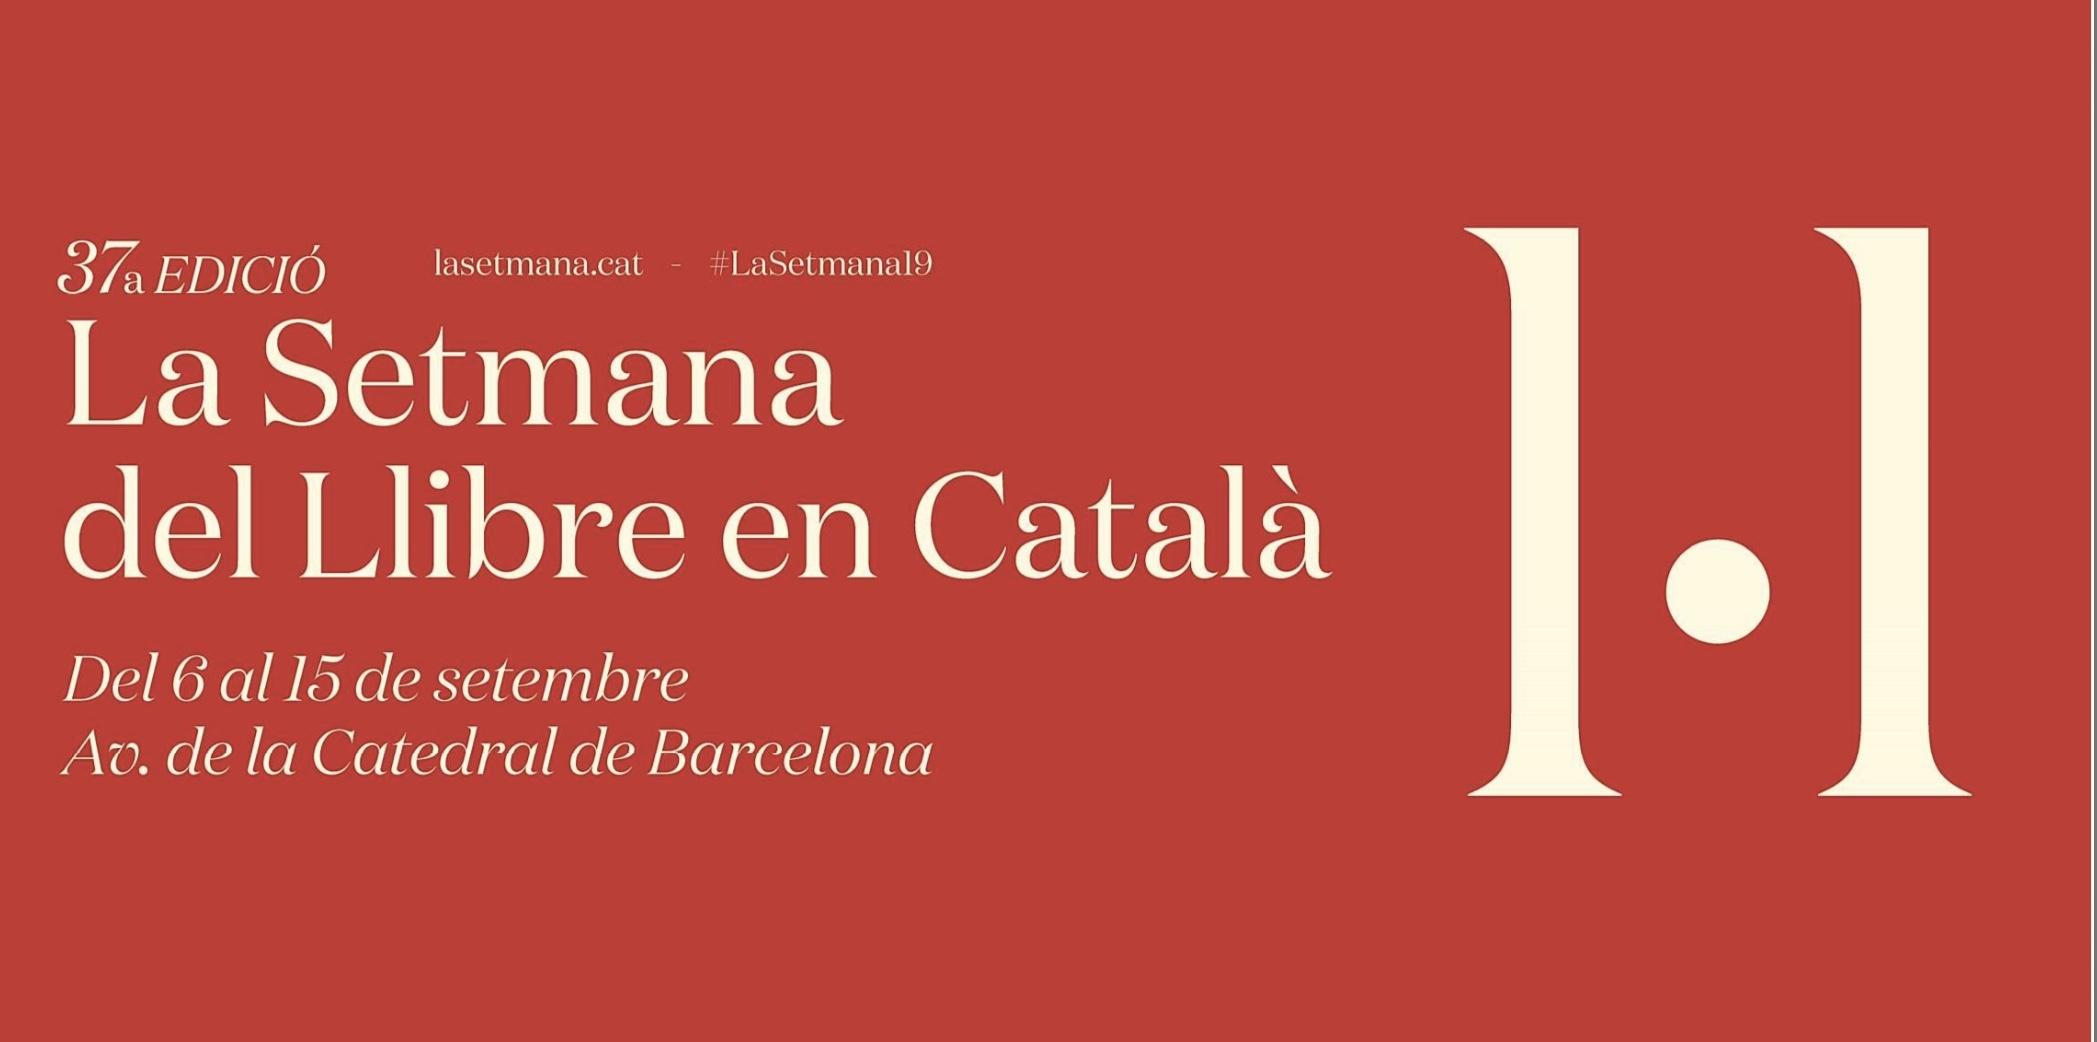 Setmana del llibre en catala 2019